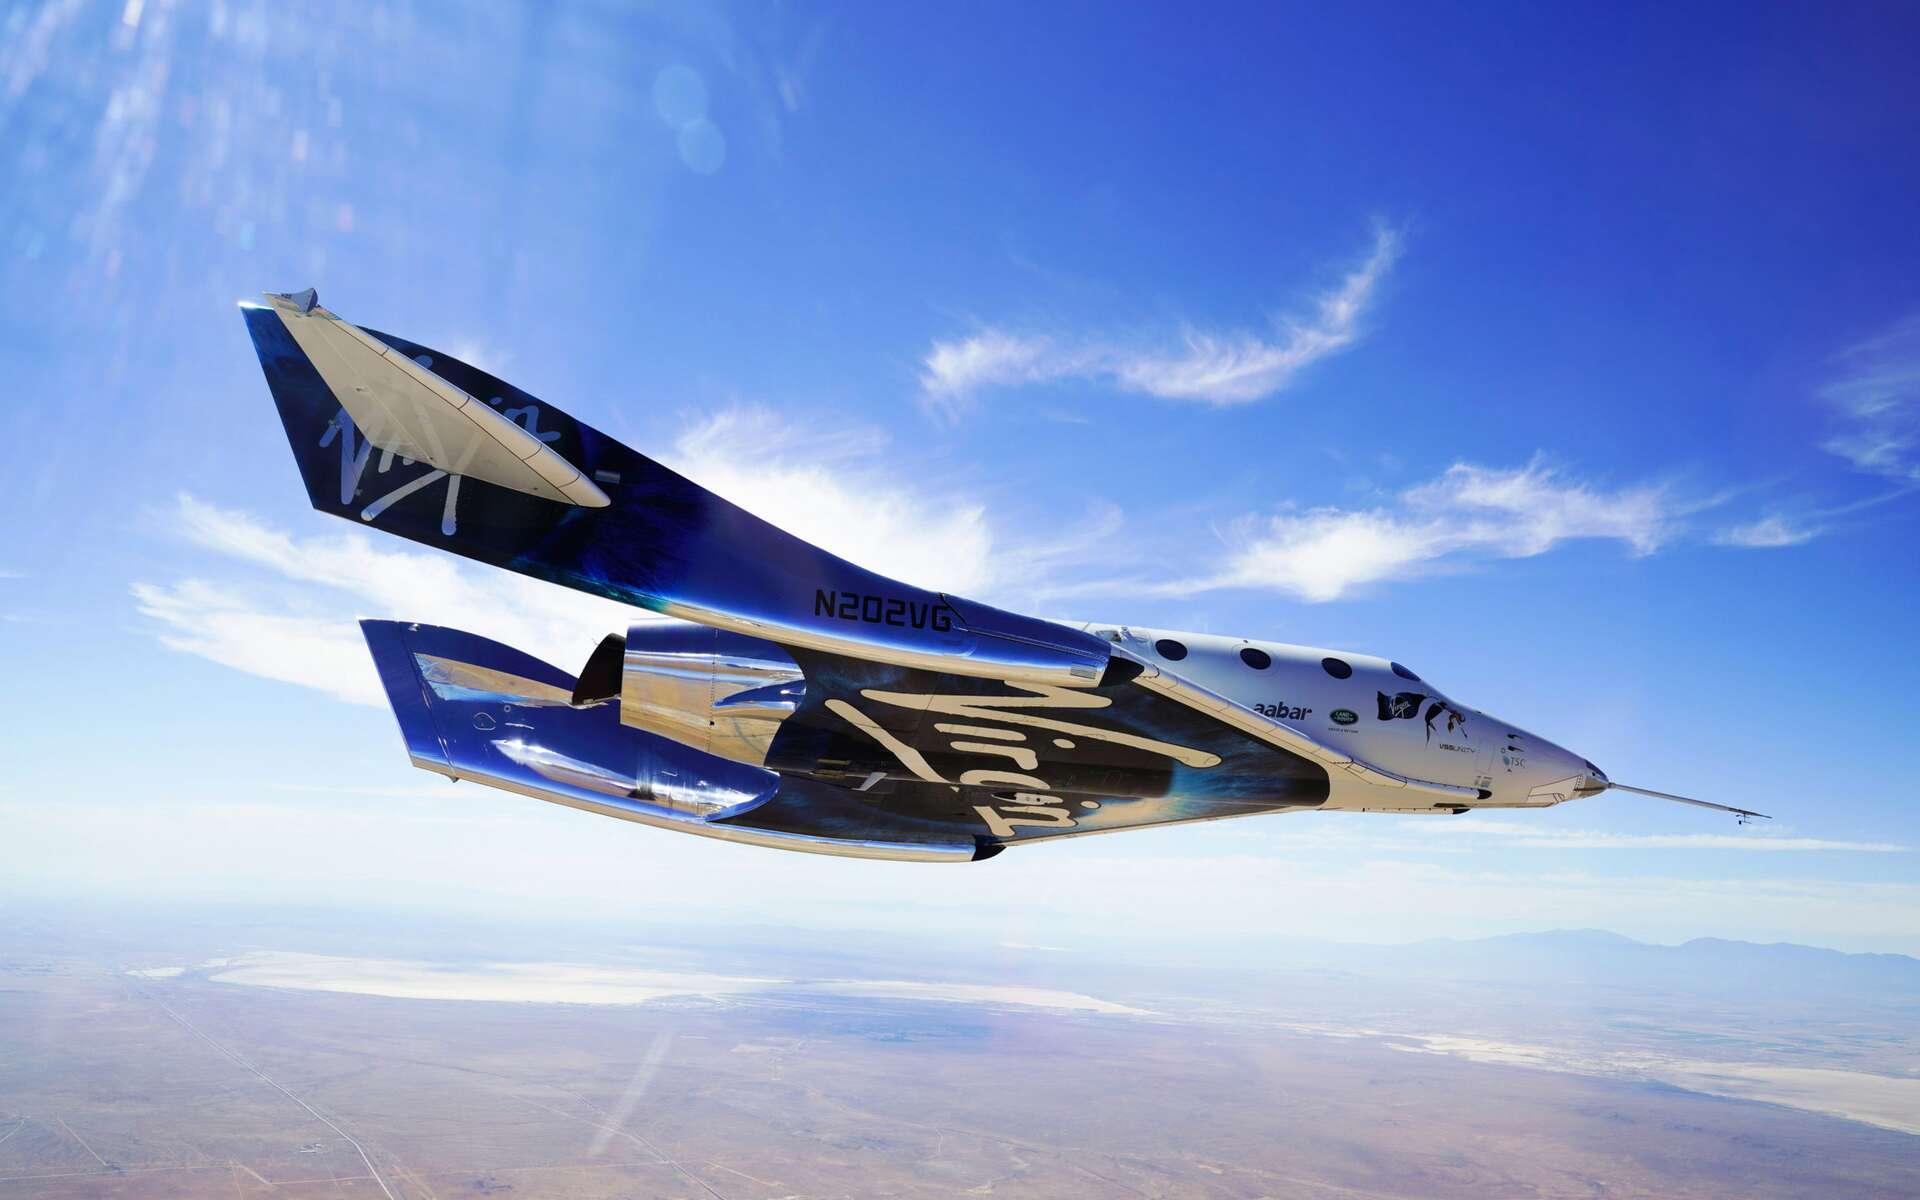 Le SpaceShipTwo est un avion suborbital de Virgin Galatic, destiné au tourisme suborbital et spatial. Il sera lancé depuis le White Knight 2, un avion de 43 mètres d'envergure, l'emportant sous son fuselage, jusqu'à environ une vingtaine de kilomètres d'altitude d'où s'effectuera la séparation des deux engins. Le SpaceShipTwo utilisera alors son propre système de propulsion pour rejoindre la frontière de l'espace. © Virgin Galactic